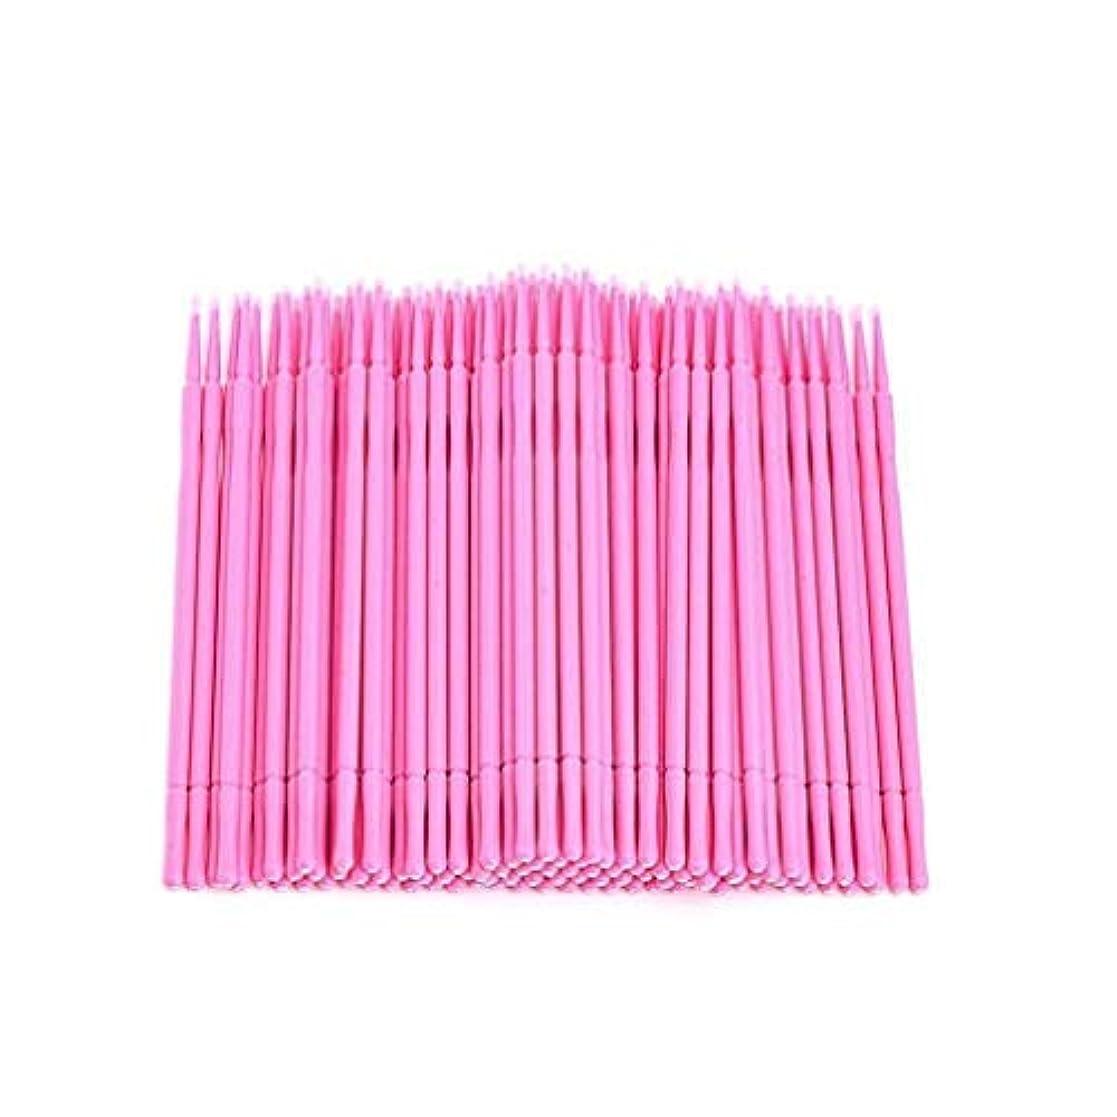 縫うぐったり非アクティブ100本入り マイクブラシ 極細綿棒 睫毛育毛剤用ツール 高繊維製 化粧道具 極細綿棒 まつげブラシ マスカラブラシ 使い捨て 化粧筆 化粧ブラシ 携帯用 便利 (ピンク)